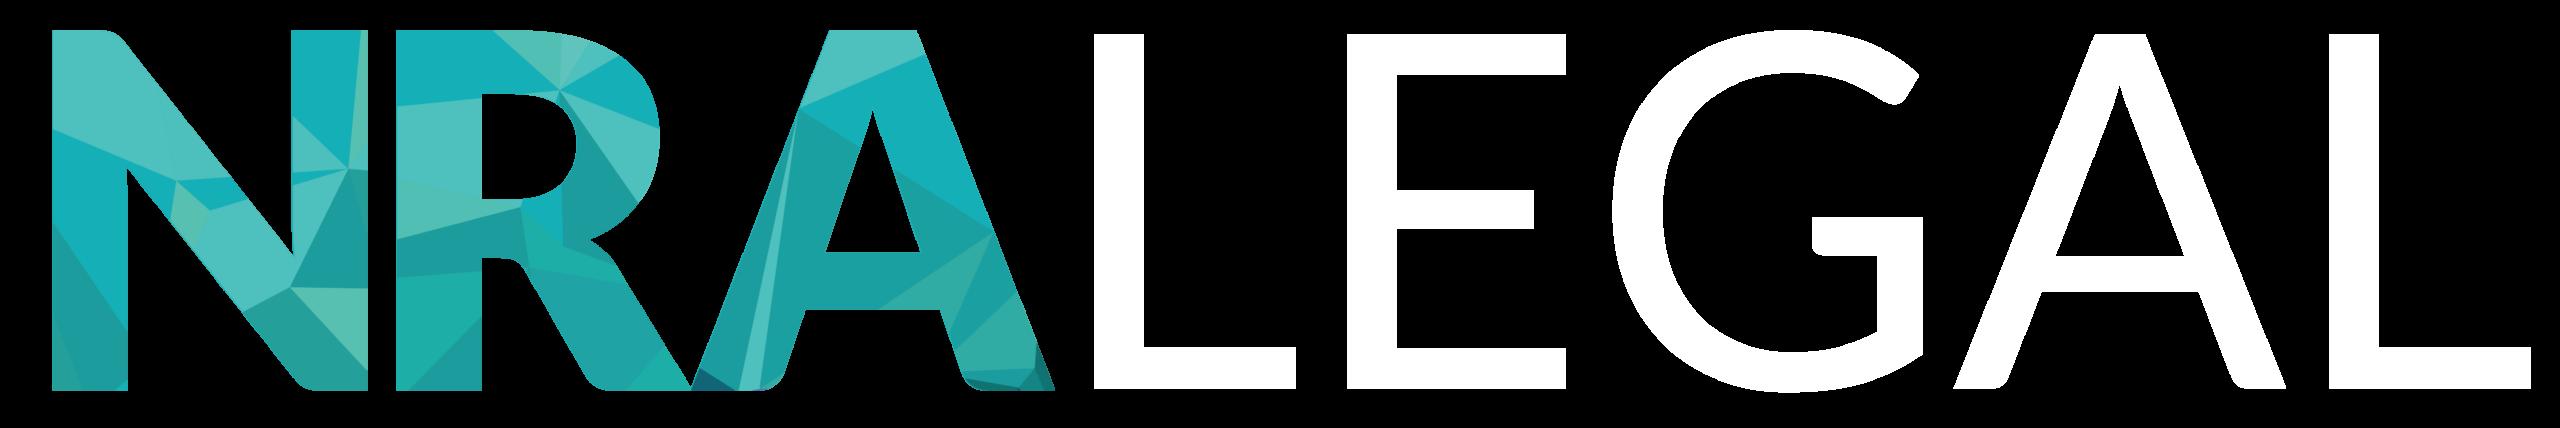 NRA Legal FINAL White Logo